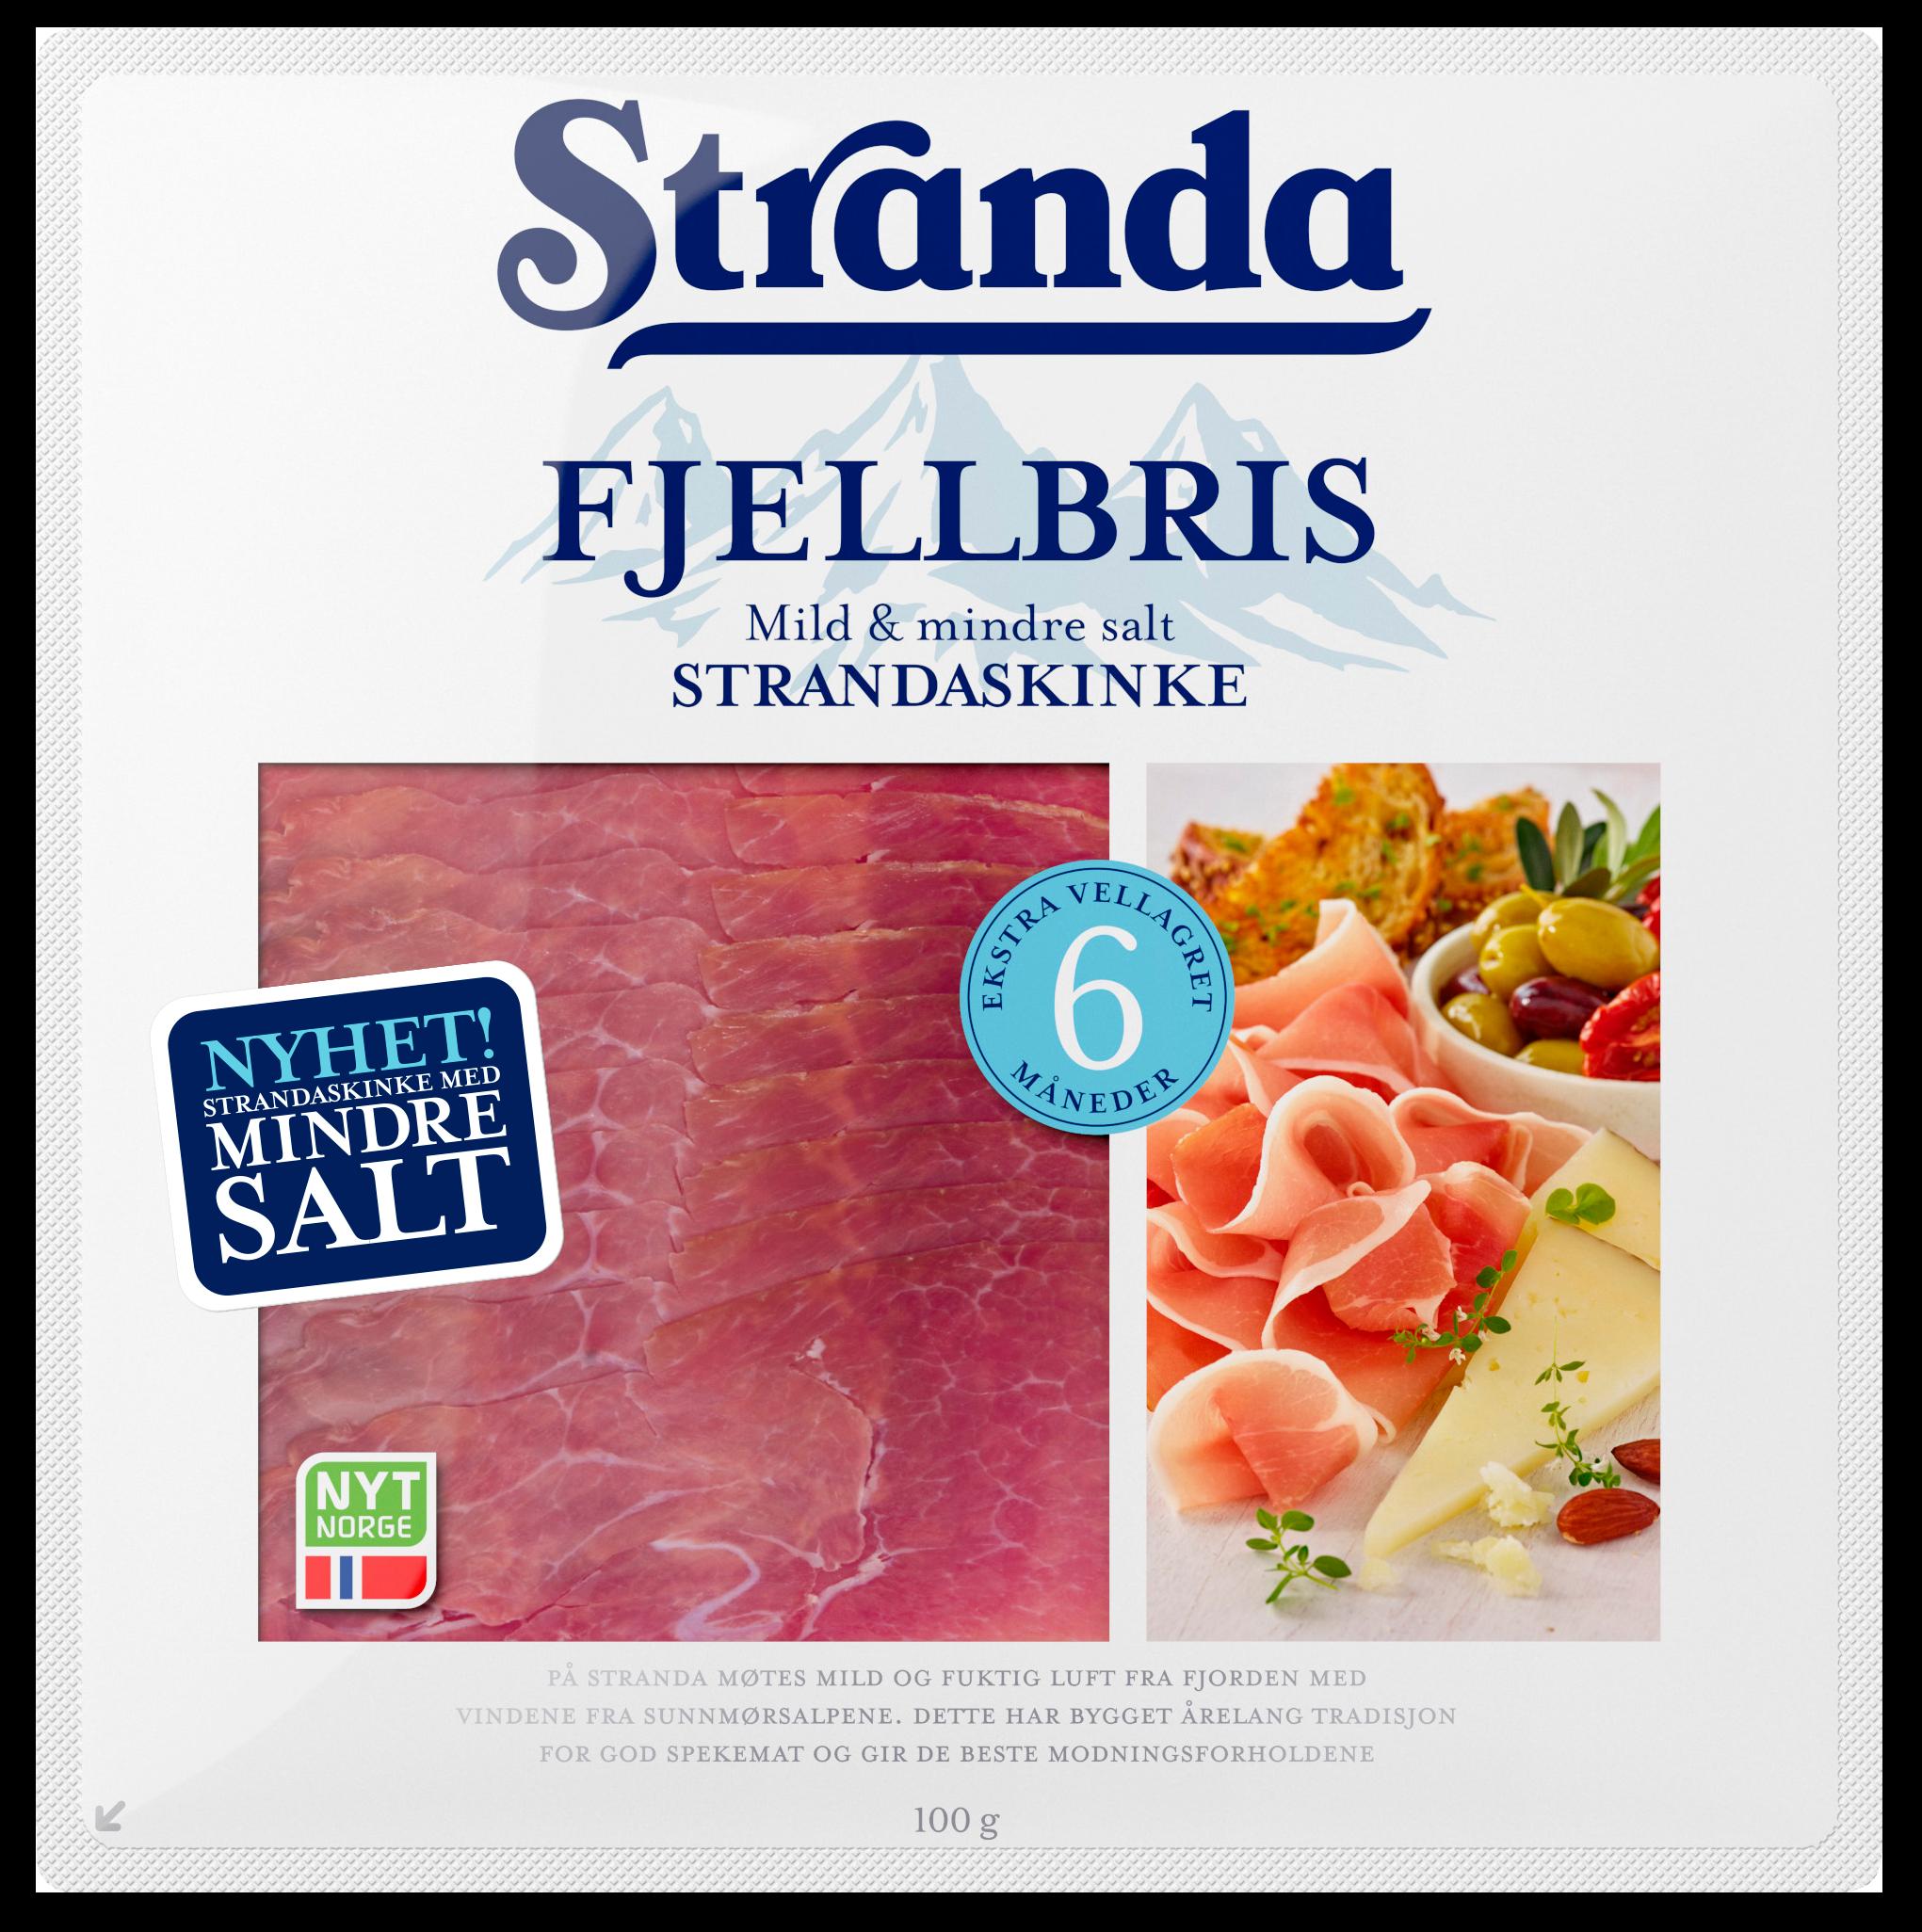 Stranda Fjellbris, ny spekeskinke med mindre salt.